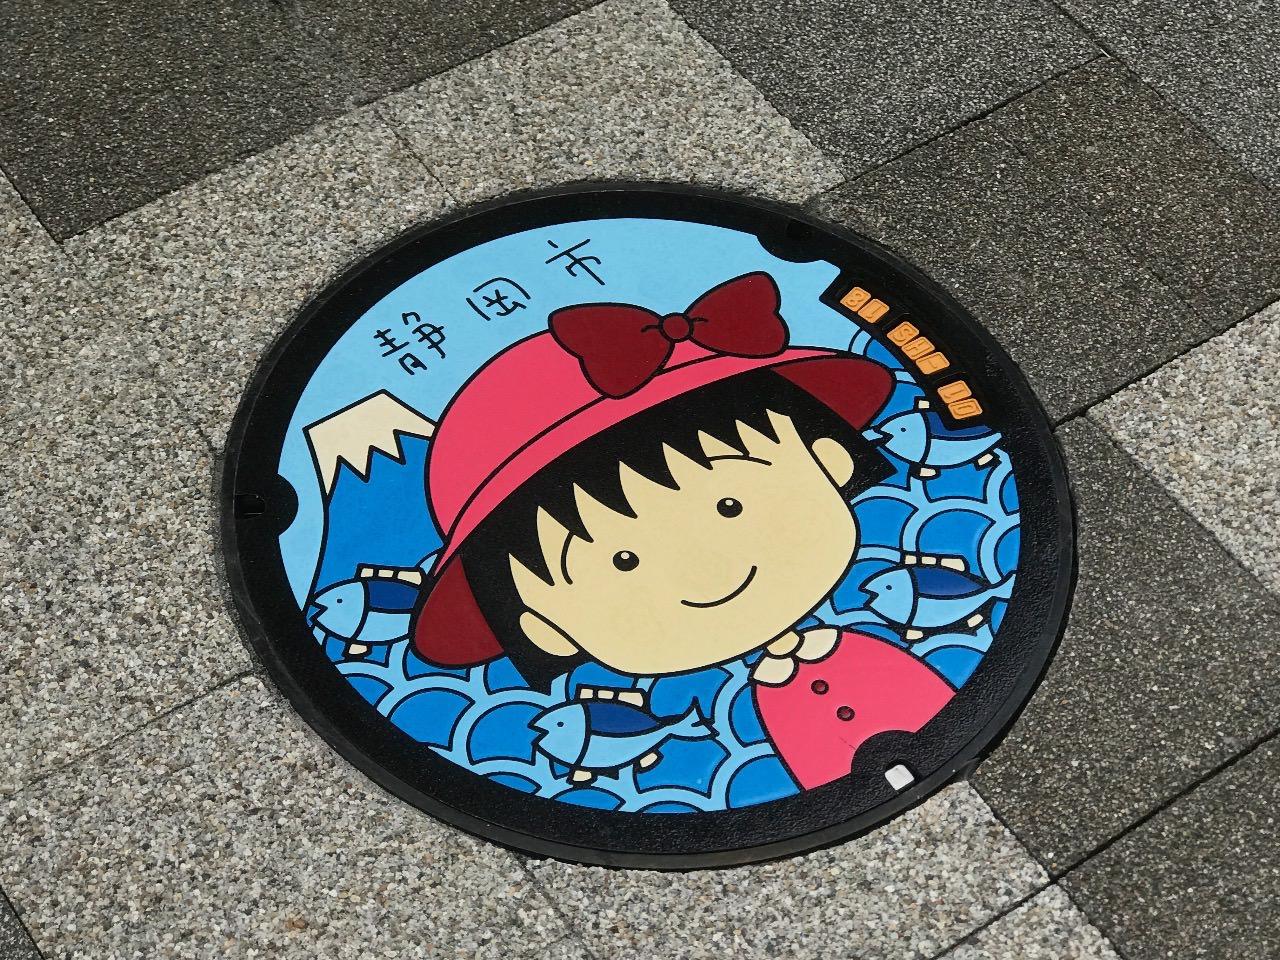 清水駅前に設置された「ちびまる子ちゃん」のマンホールのふた